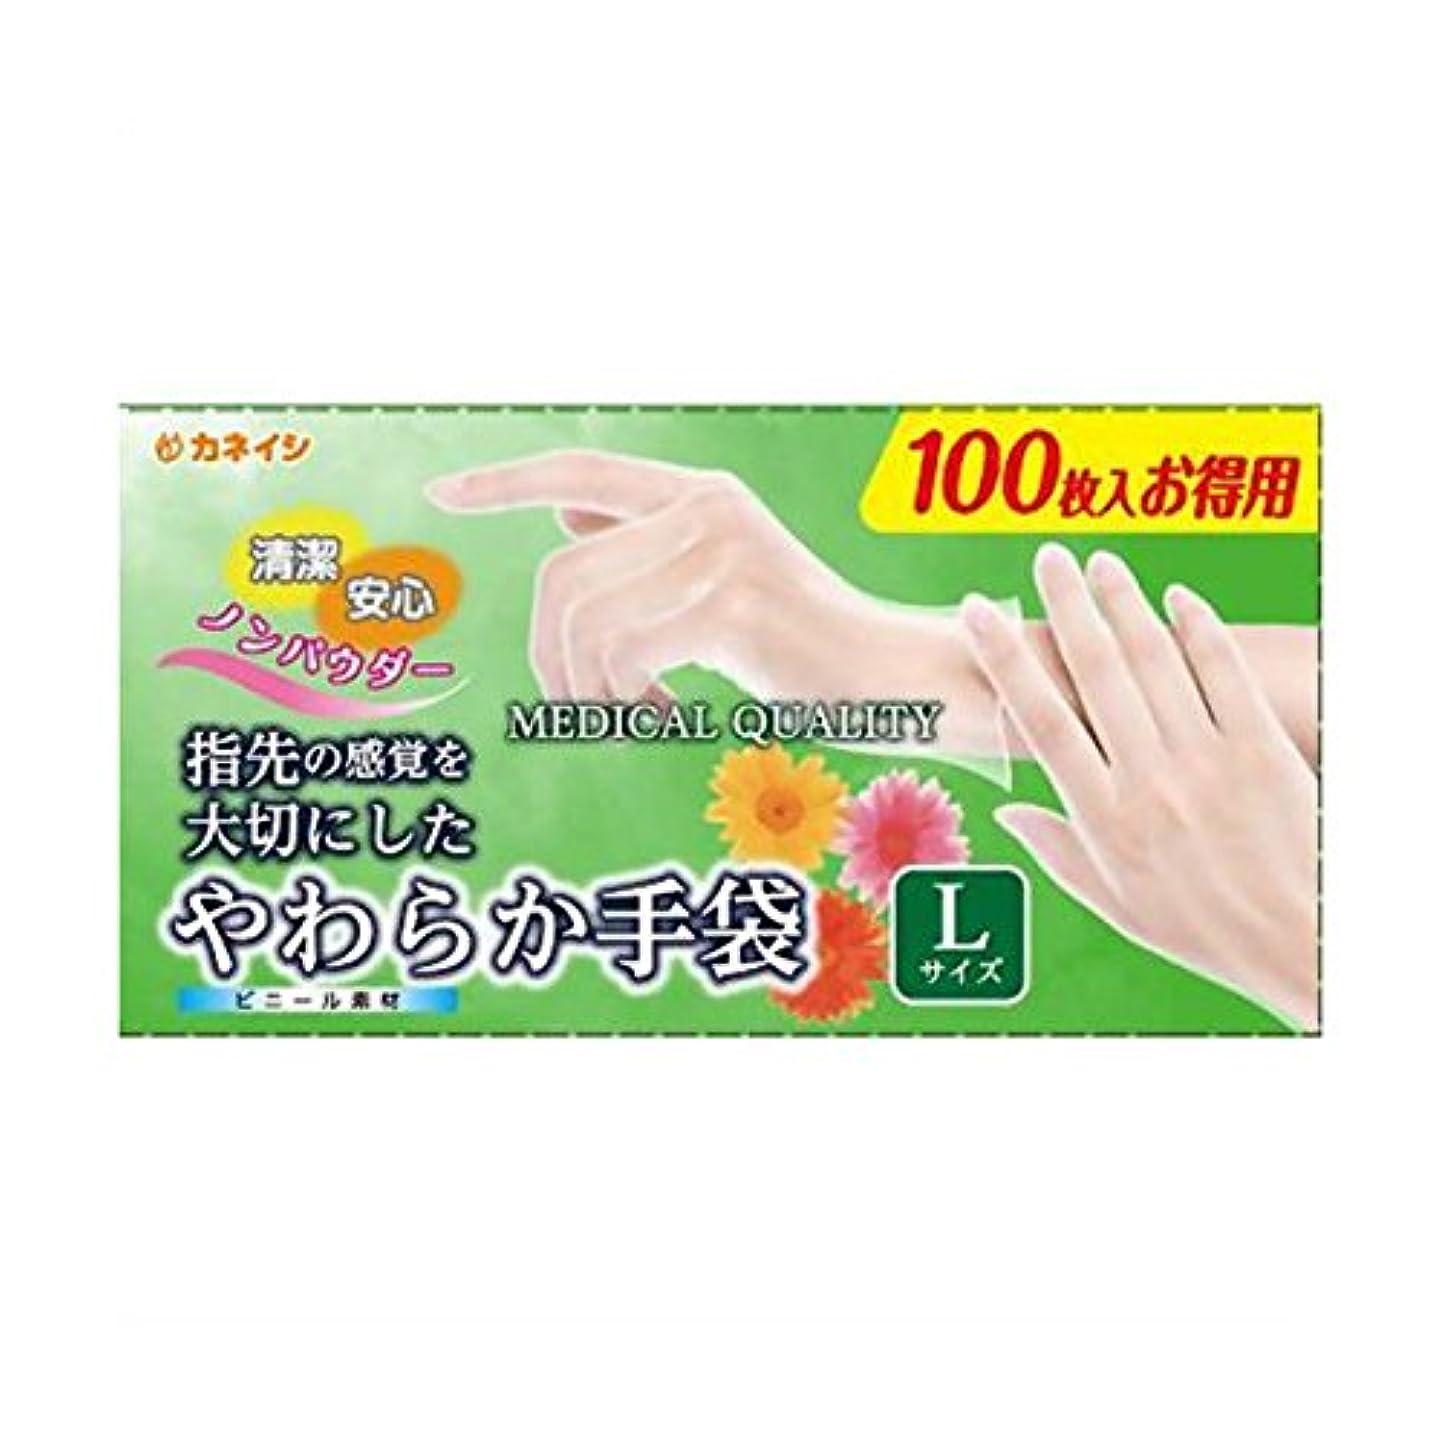 しかしエンティティ水分やわらか手袋 ビニール素材 Lサイズ 100枚入x4